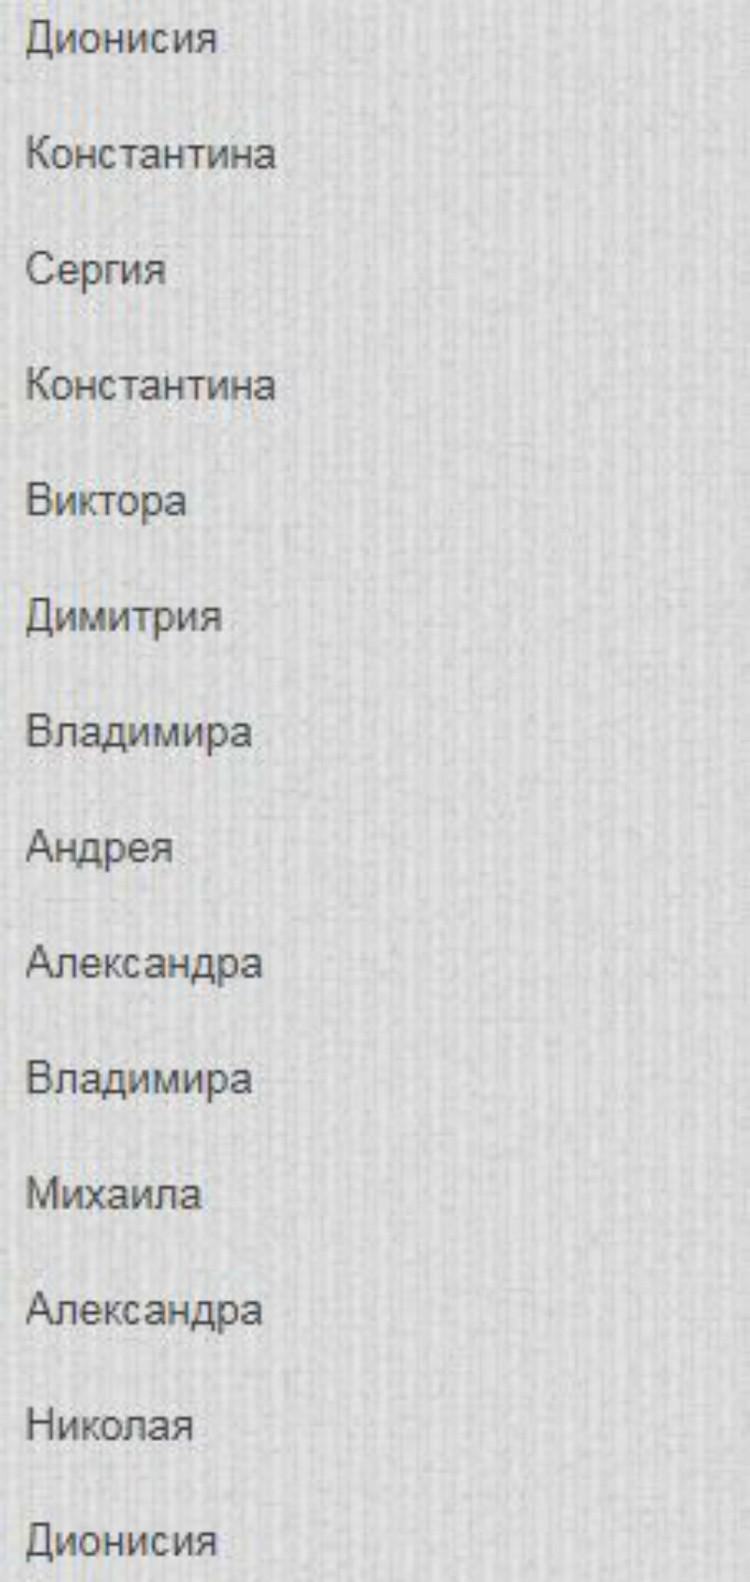 Список имен погибших моряков. Фото: Спас-на-Водах